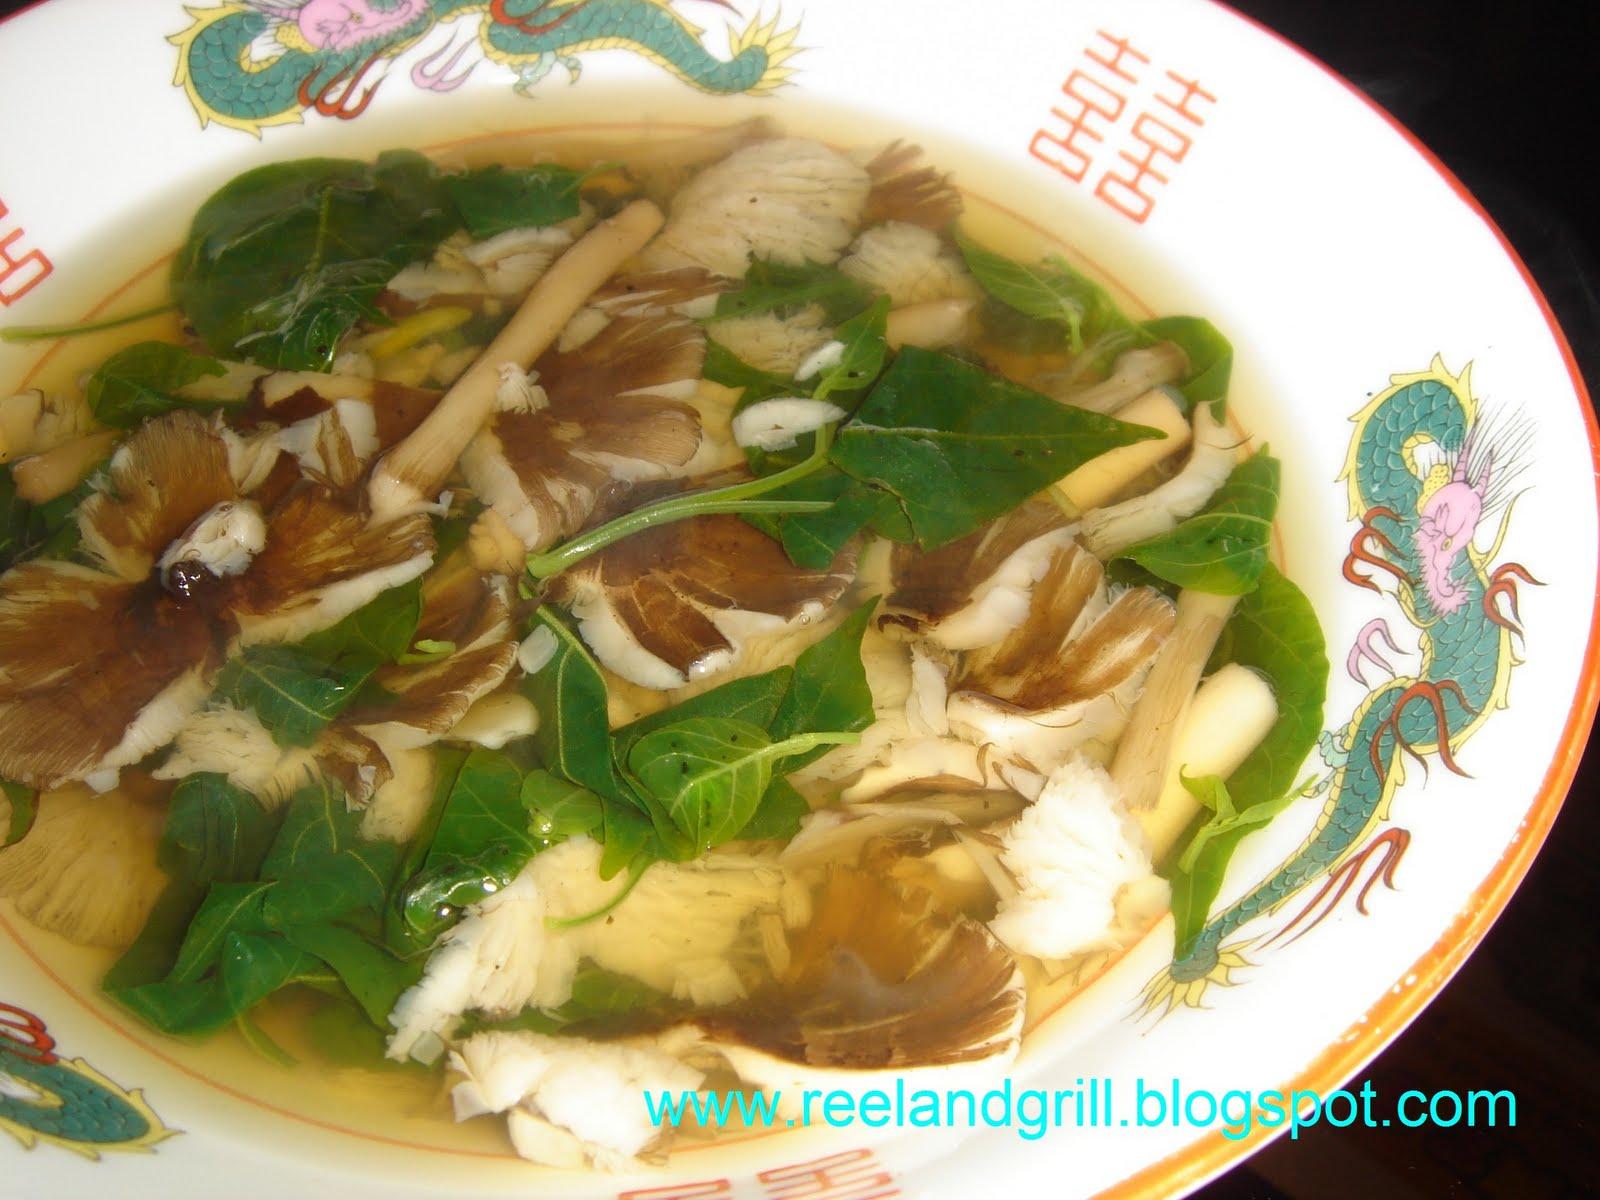 Reel And Grill Kabuteng Mamarang Tasty Wild Mushroom Soup